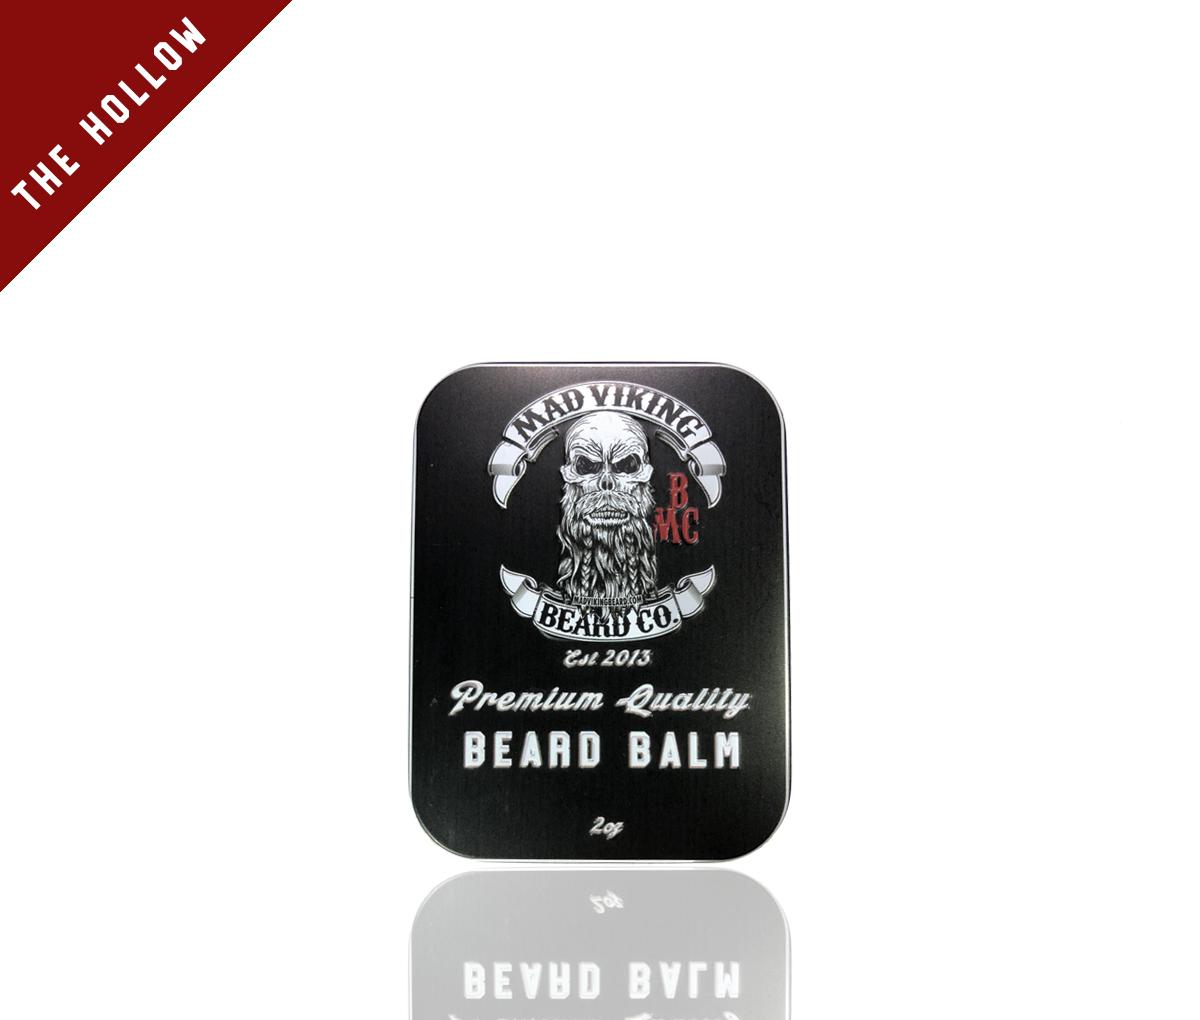 The Hollow Beard Balm 2oz